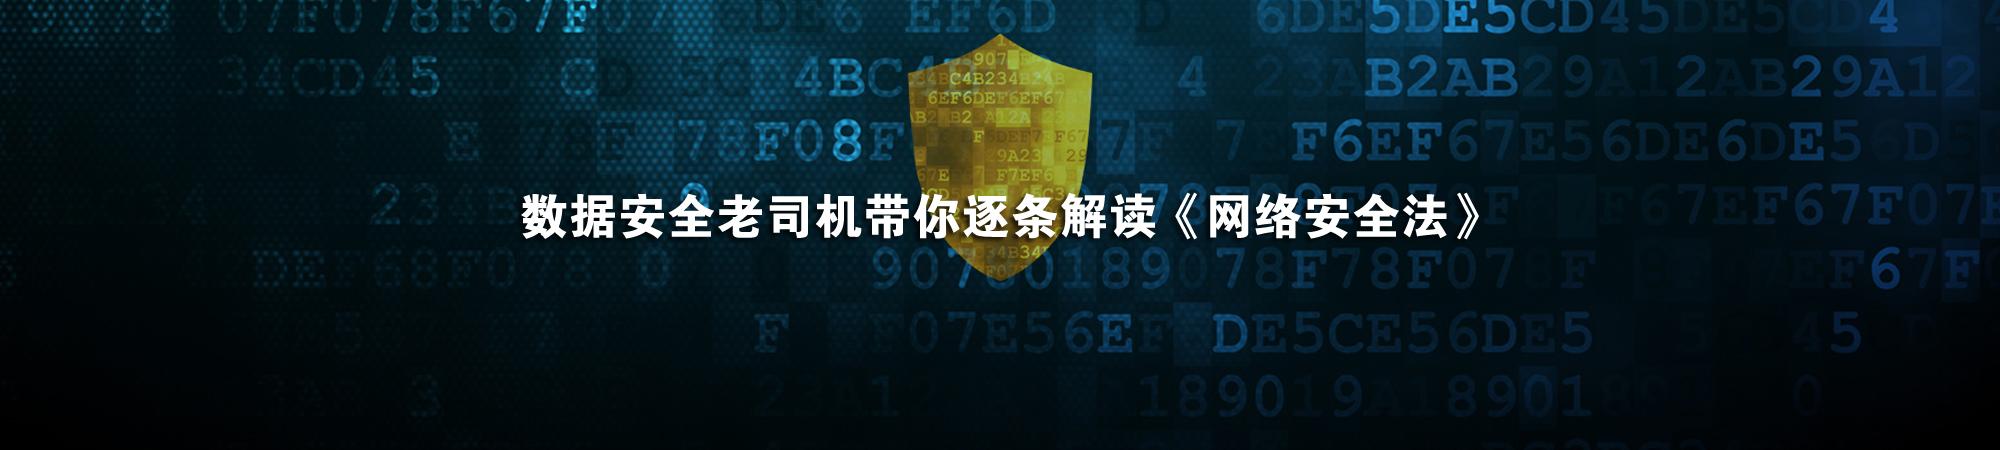 数据库安全老司机带你逐条解读网络安全法